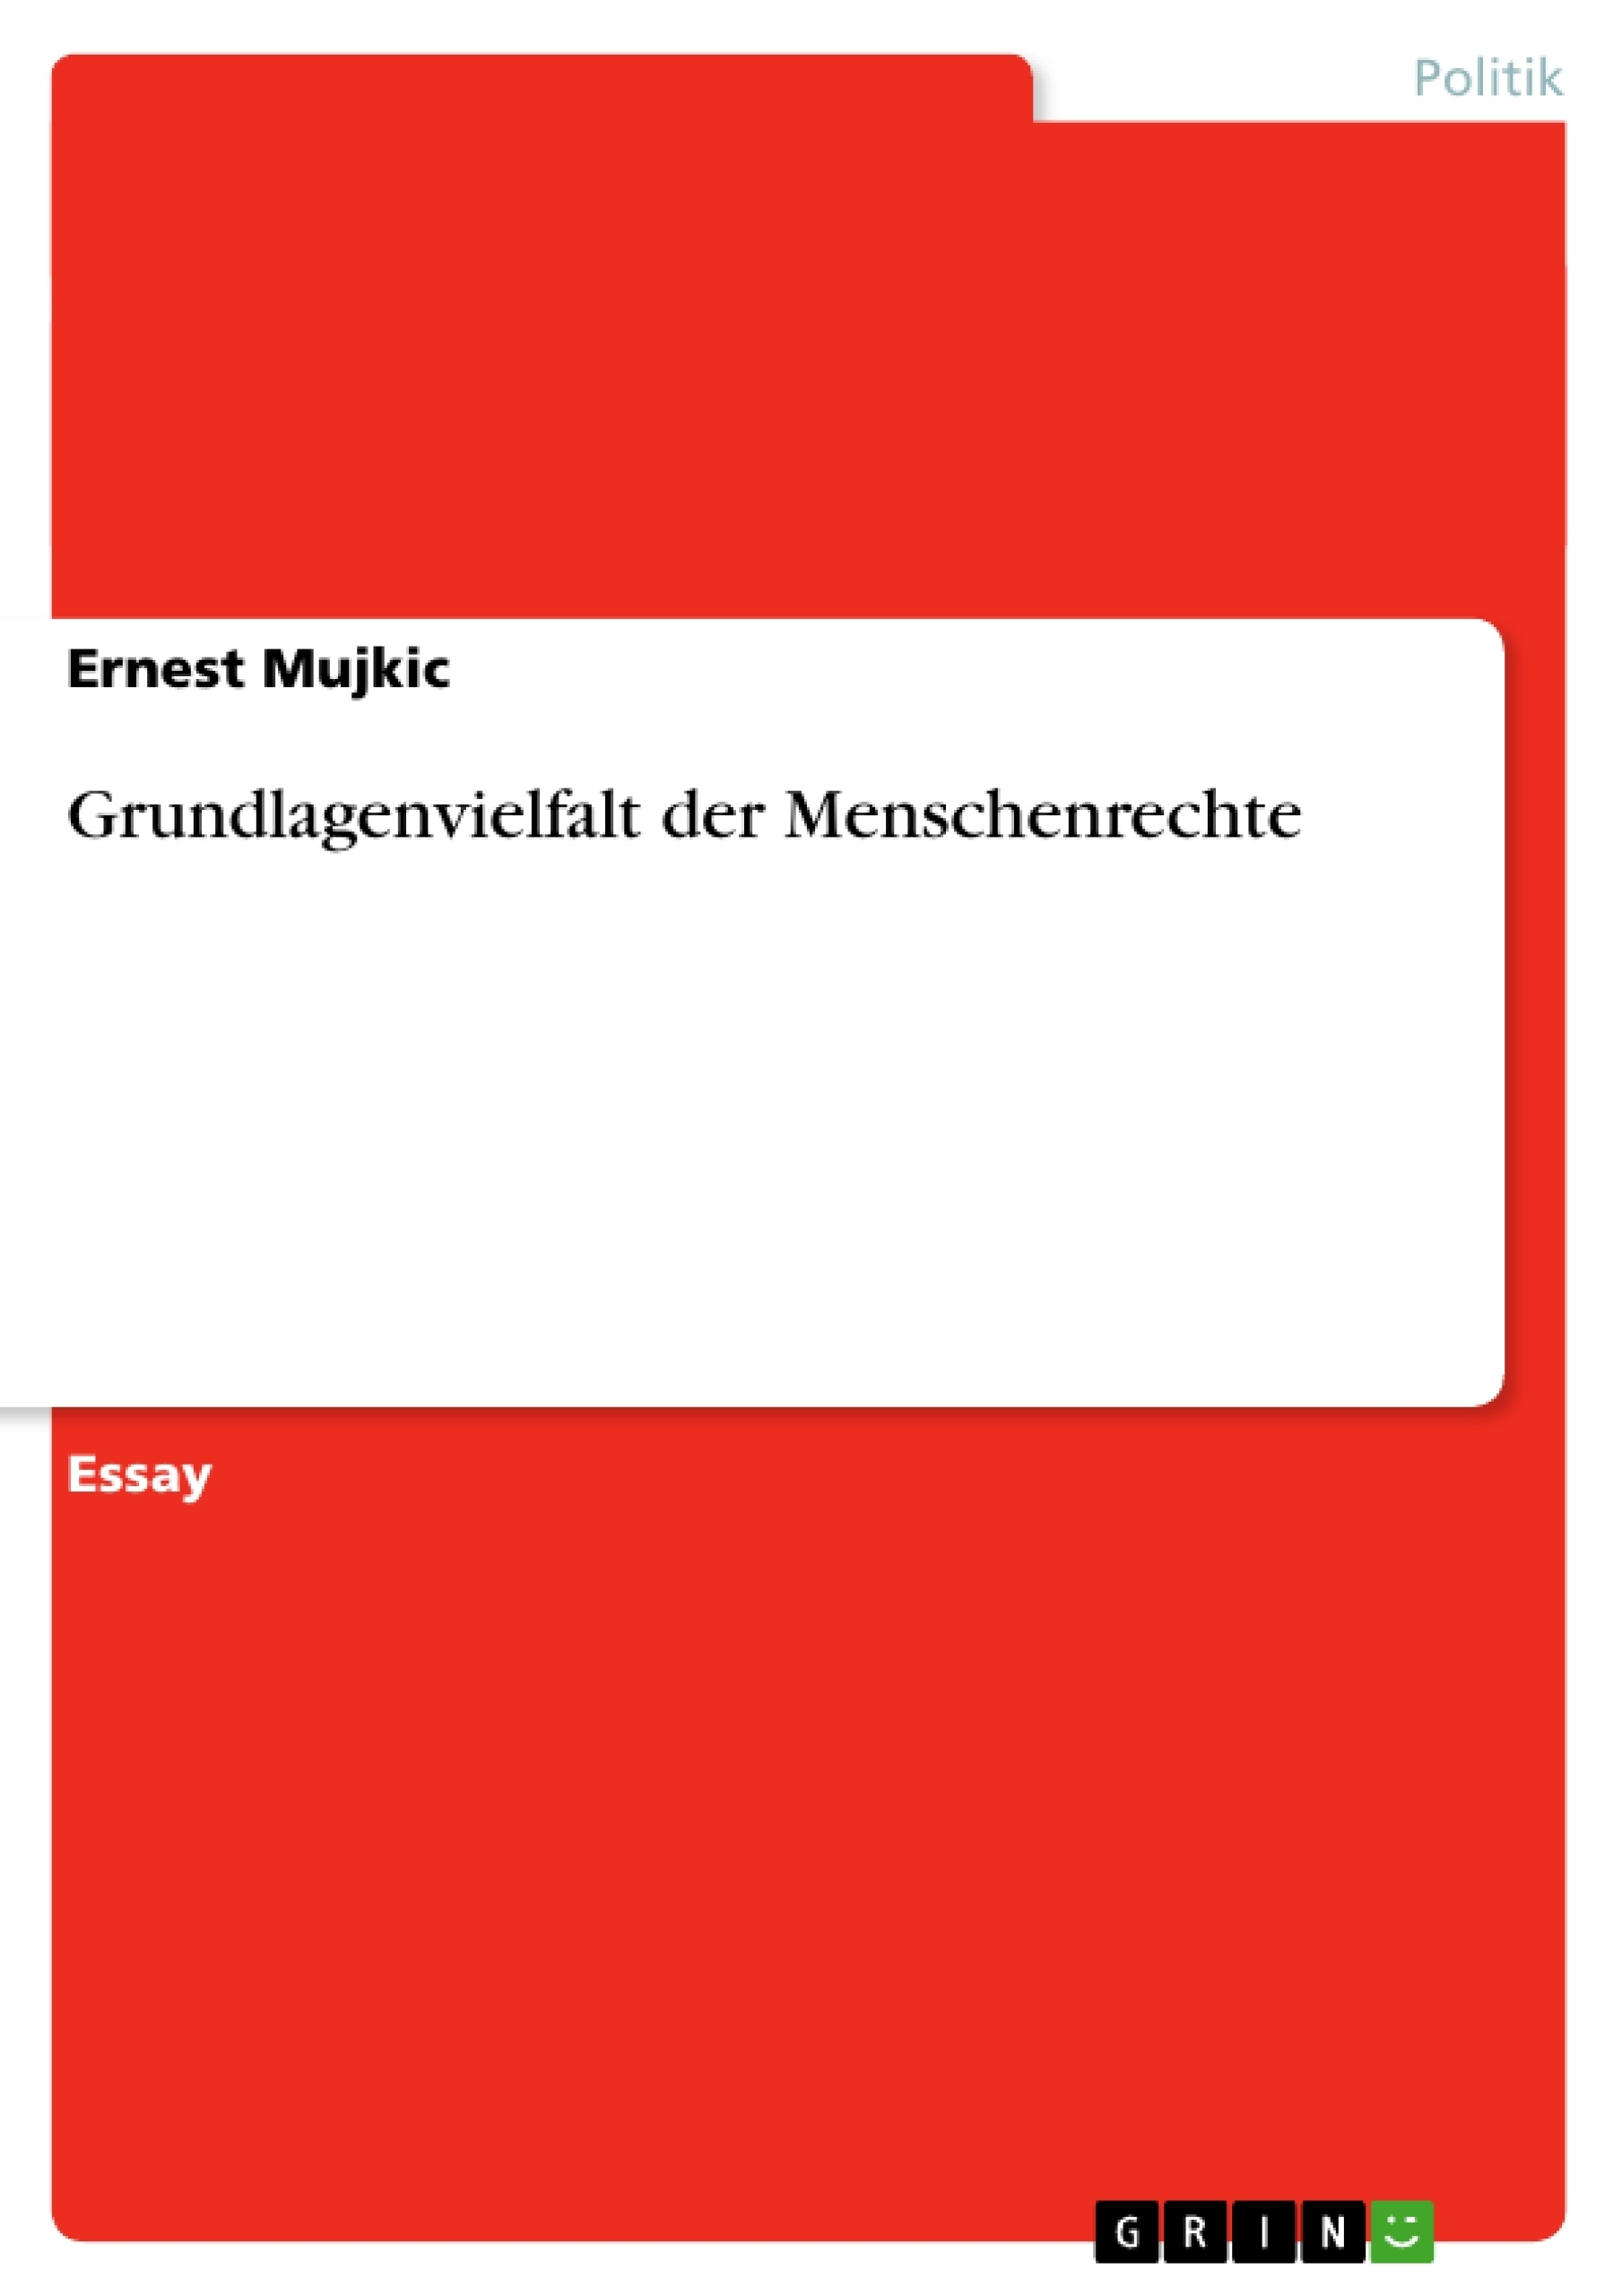 Titel: Grundlagenvielfalt der Menschenrechte